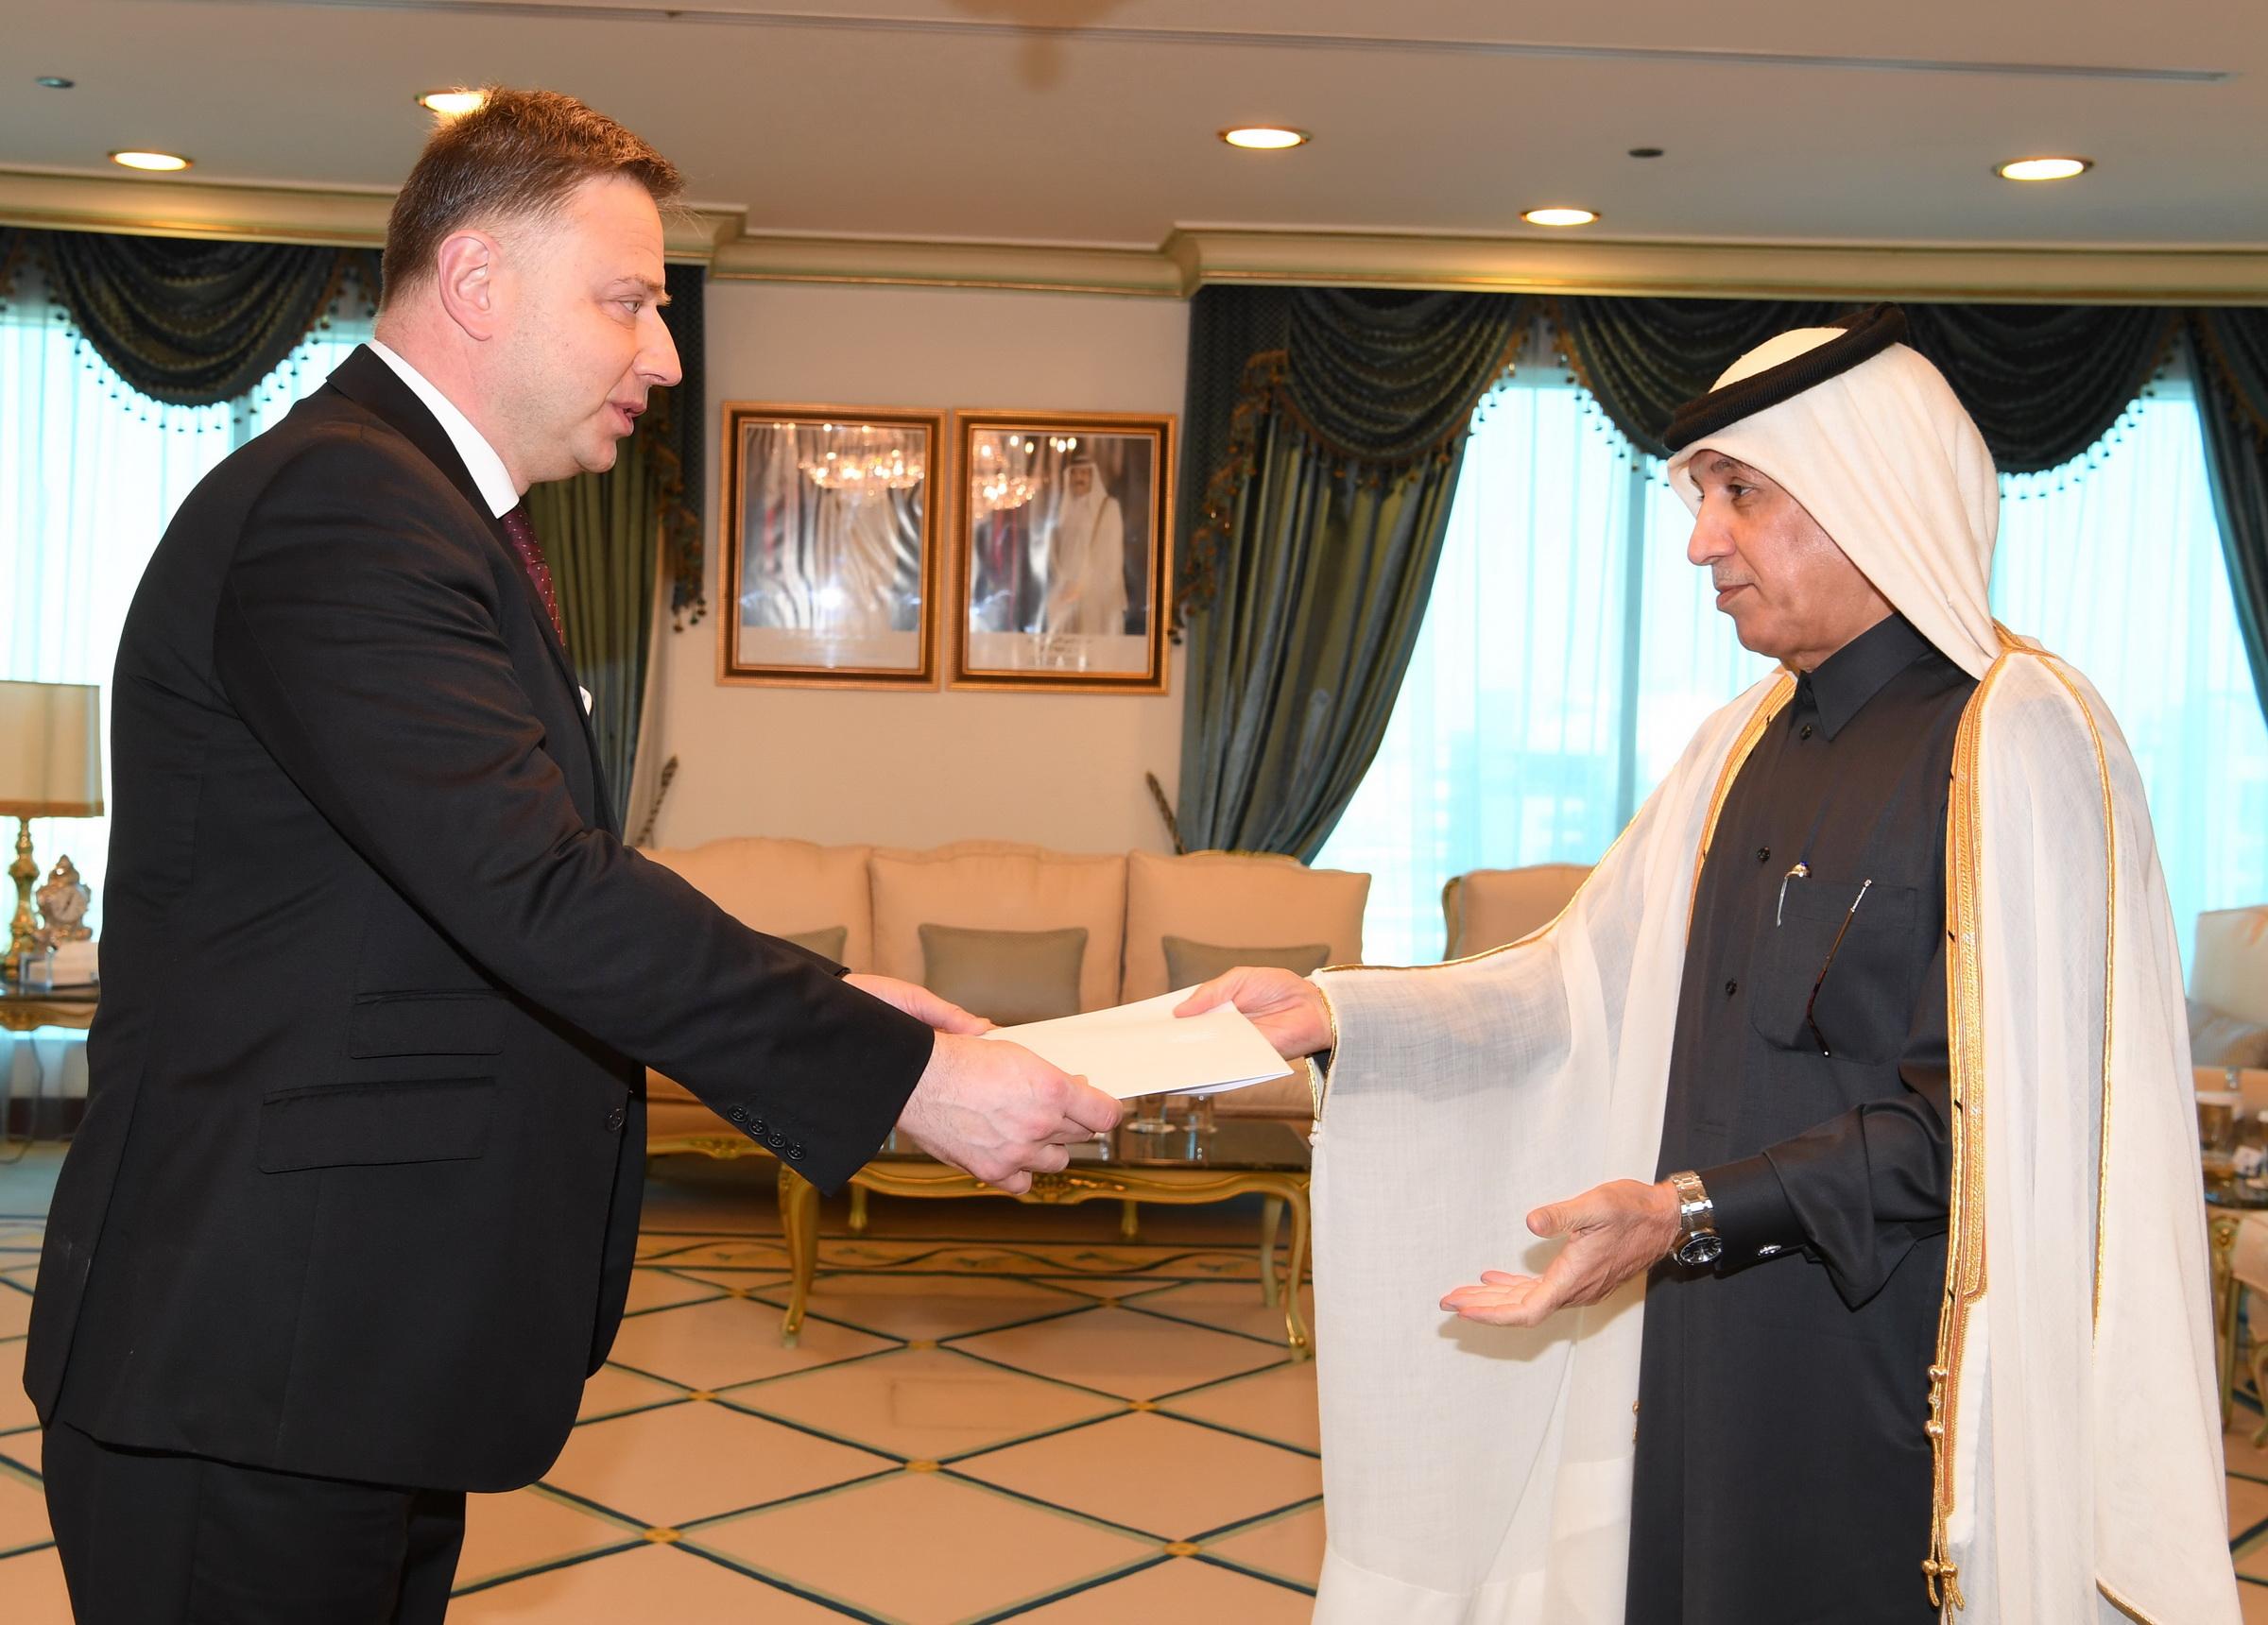 وزير الدولة للشؤون الخارجية يتسلم نسخة من أوراق اعتماد سفير أوكرانيا